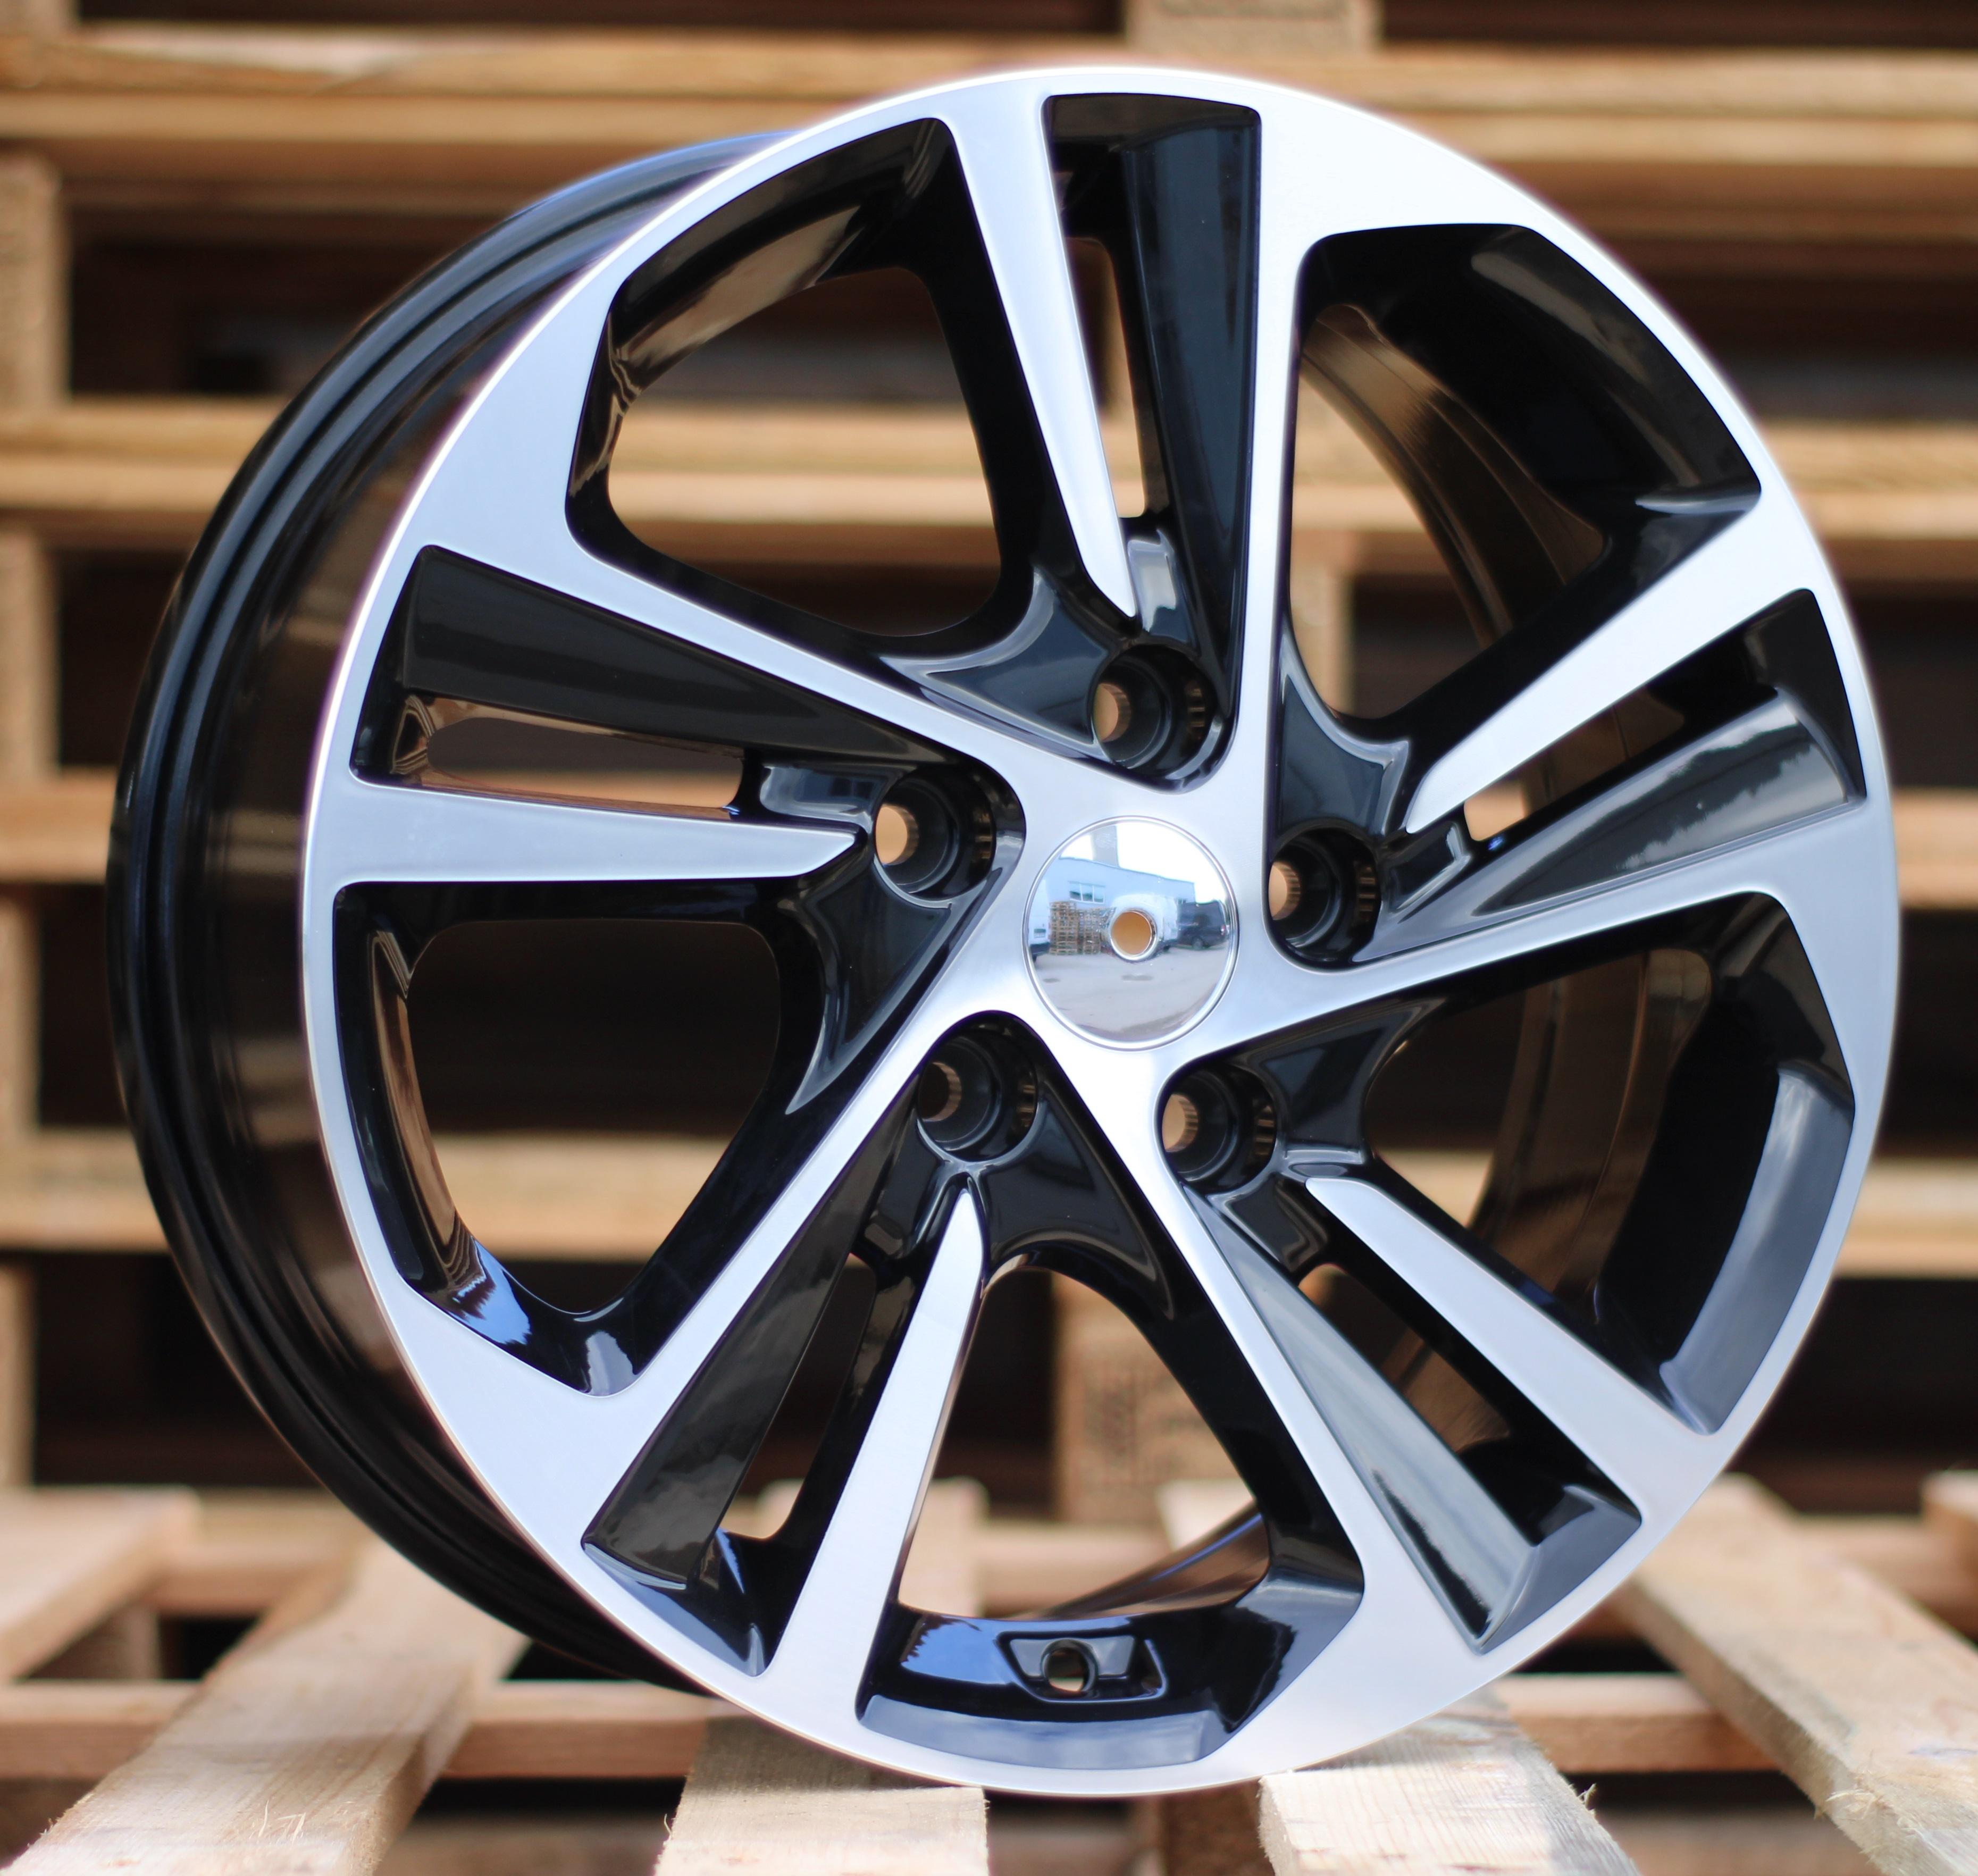 H16X6.5 5X114.3 ET45 67.1 BK5210 MB RWR Hyundai (D5) 6.5x16 ET45 5x114.3